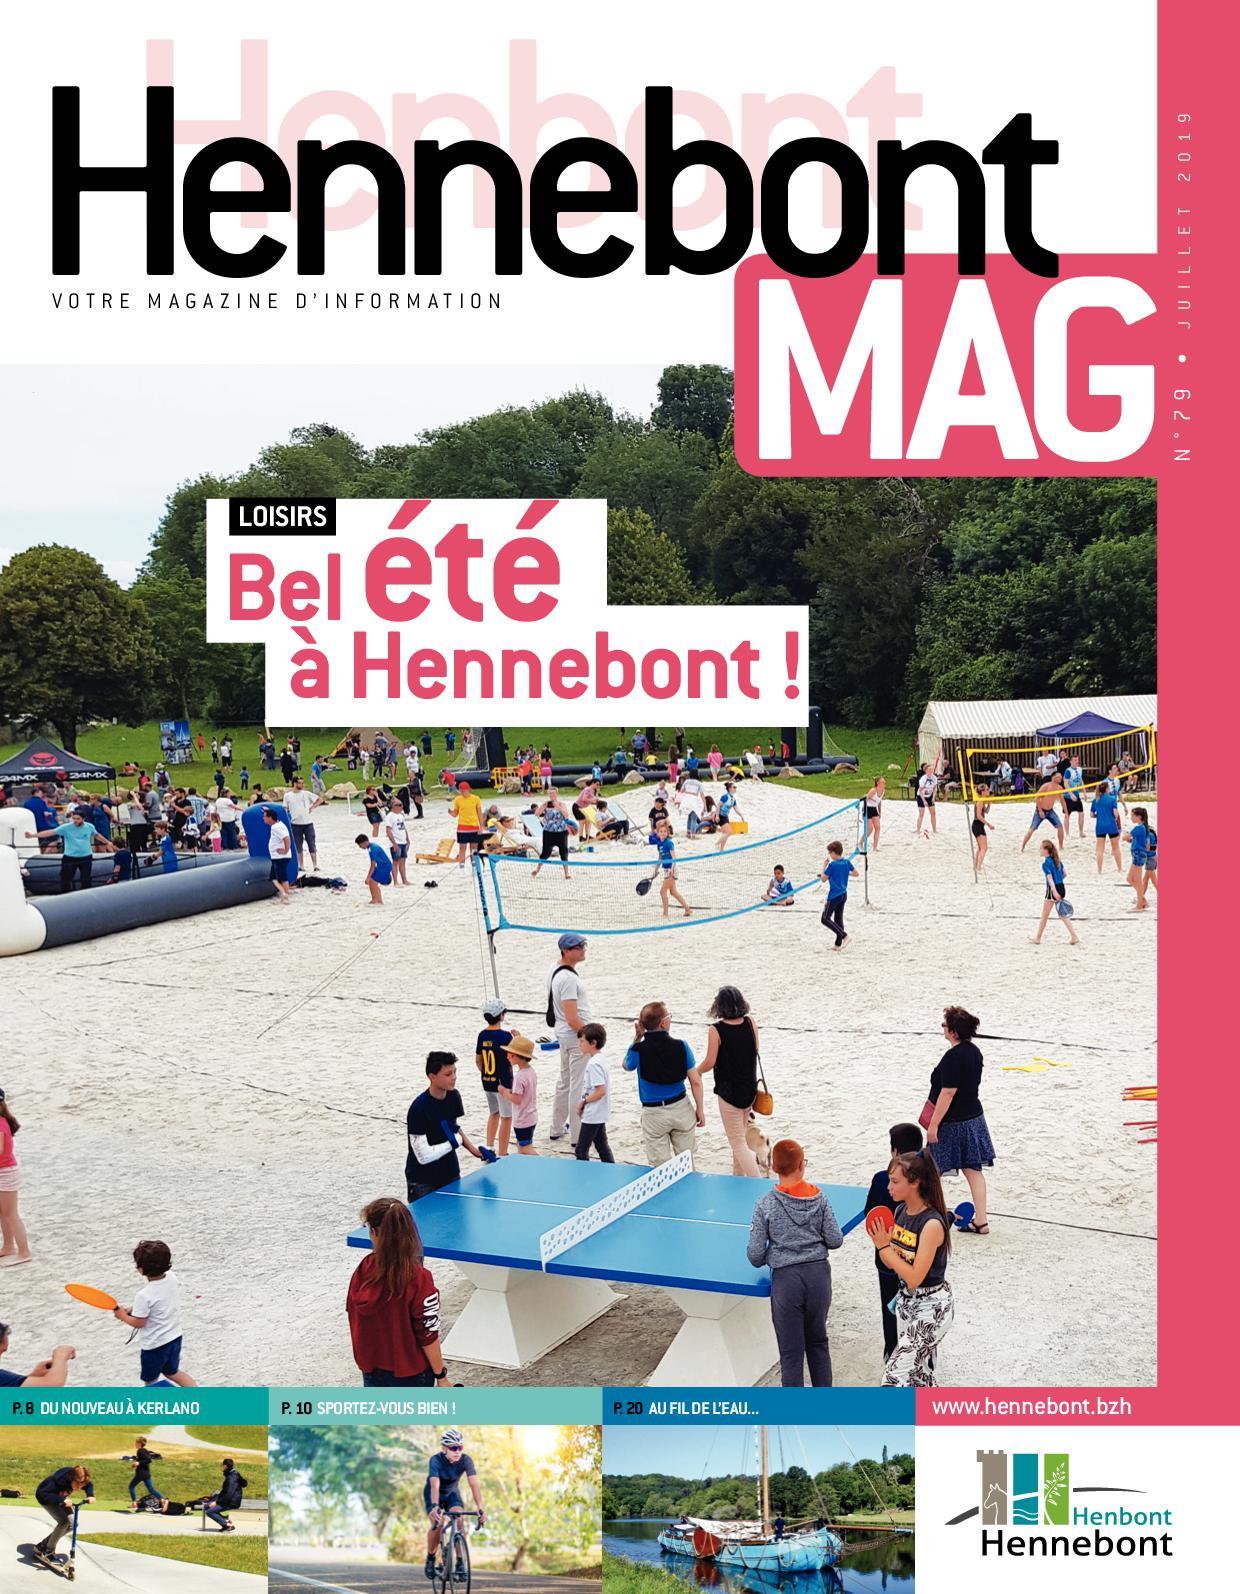 Calaméo - Hennebont Mag - Juillet 2019 pour Horaire Piscine Hennebont